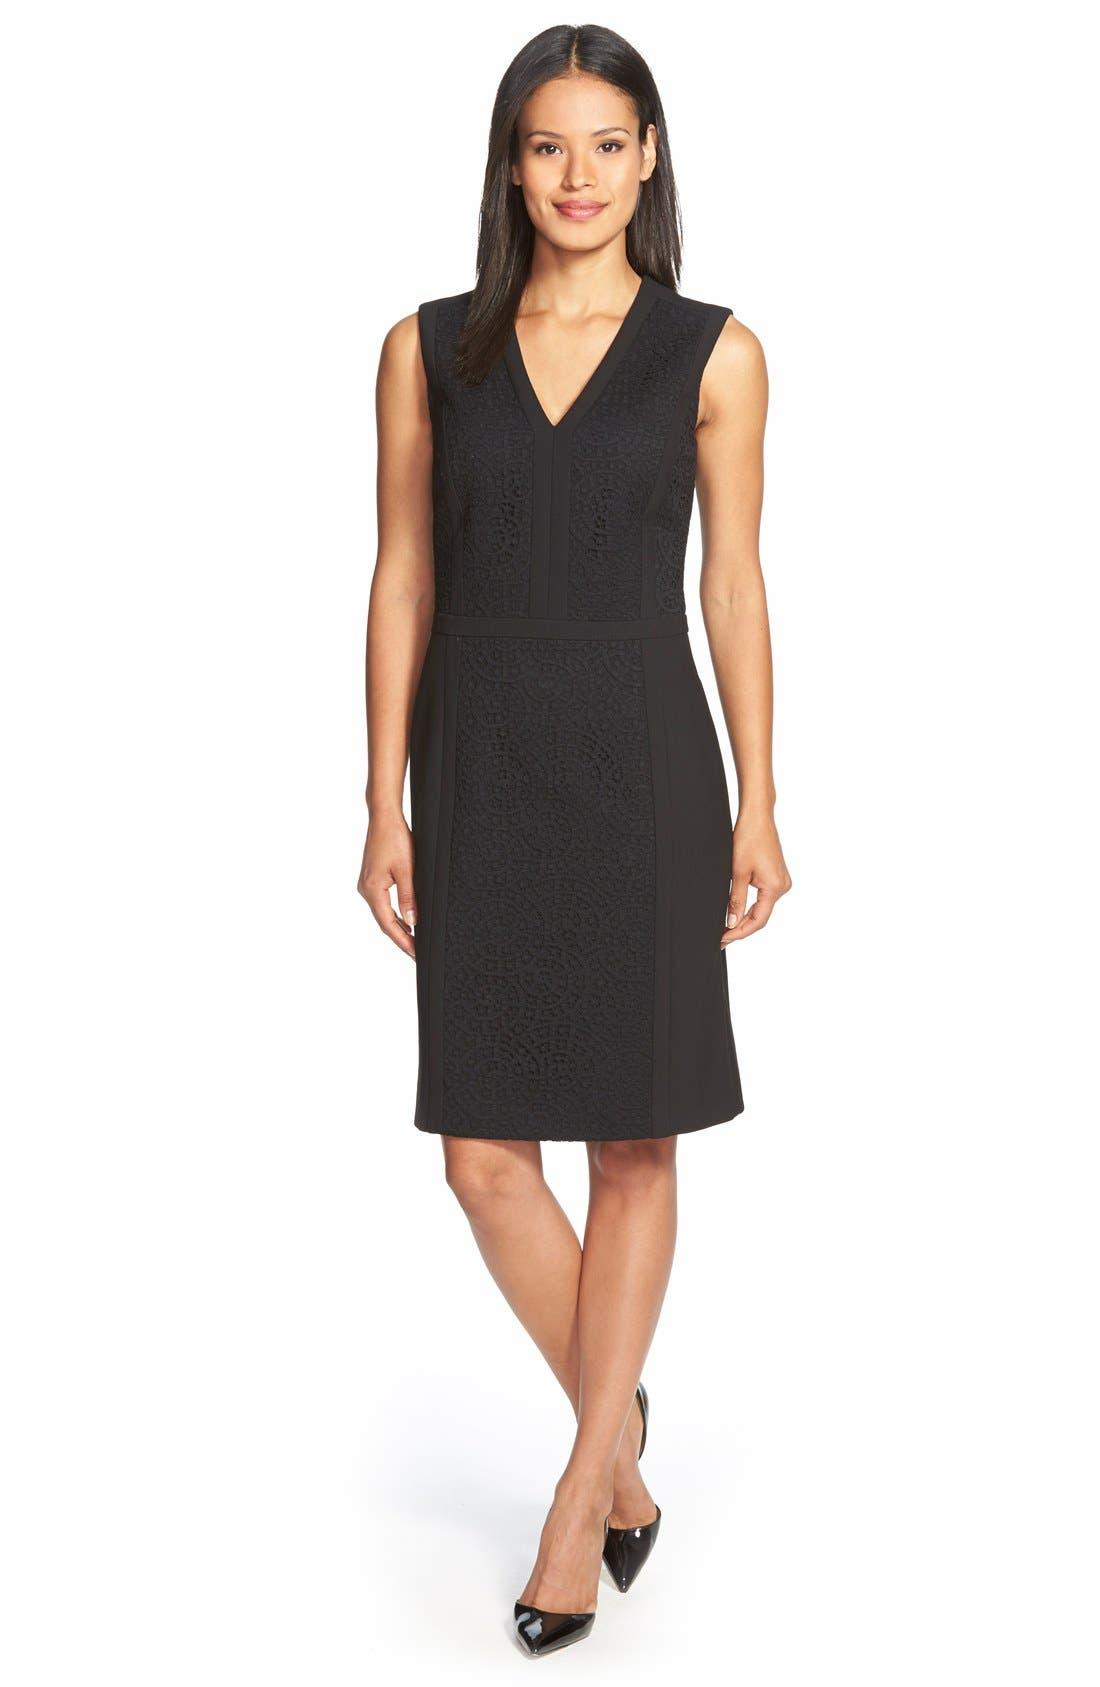 BOSS 'Dilama' Paneled Mixed Media V-Neck Sheath Dress, Main, color, 002